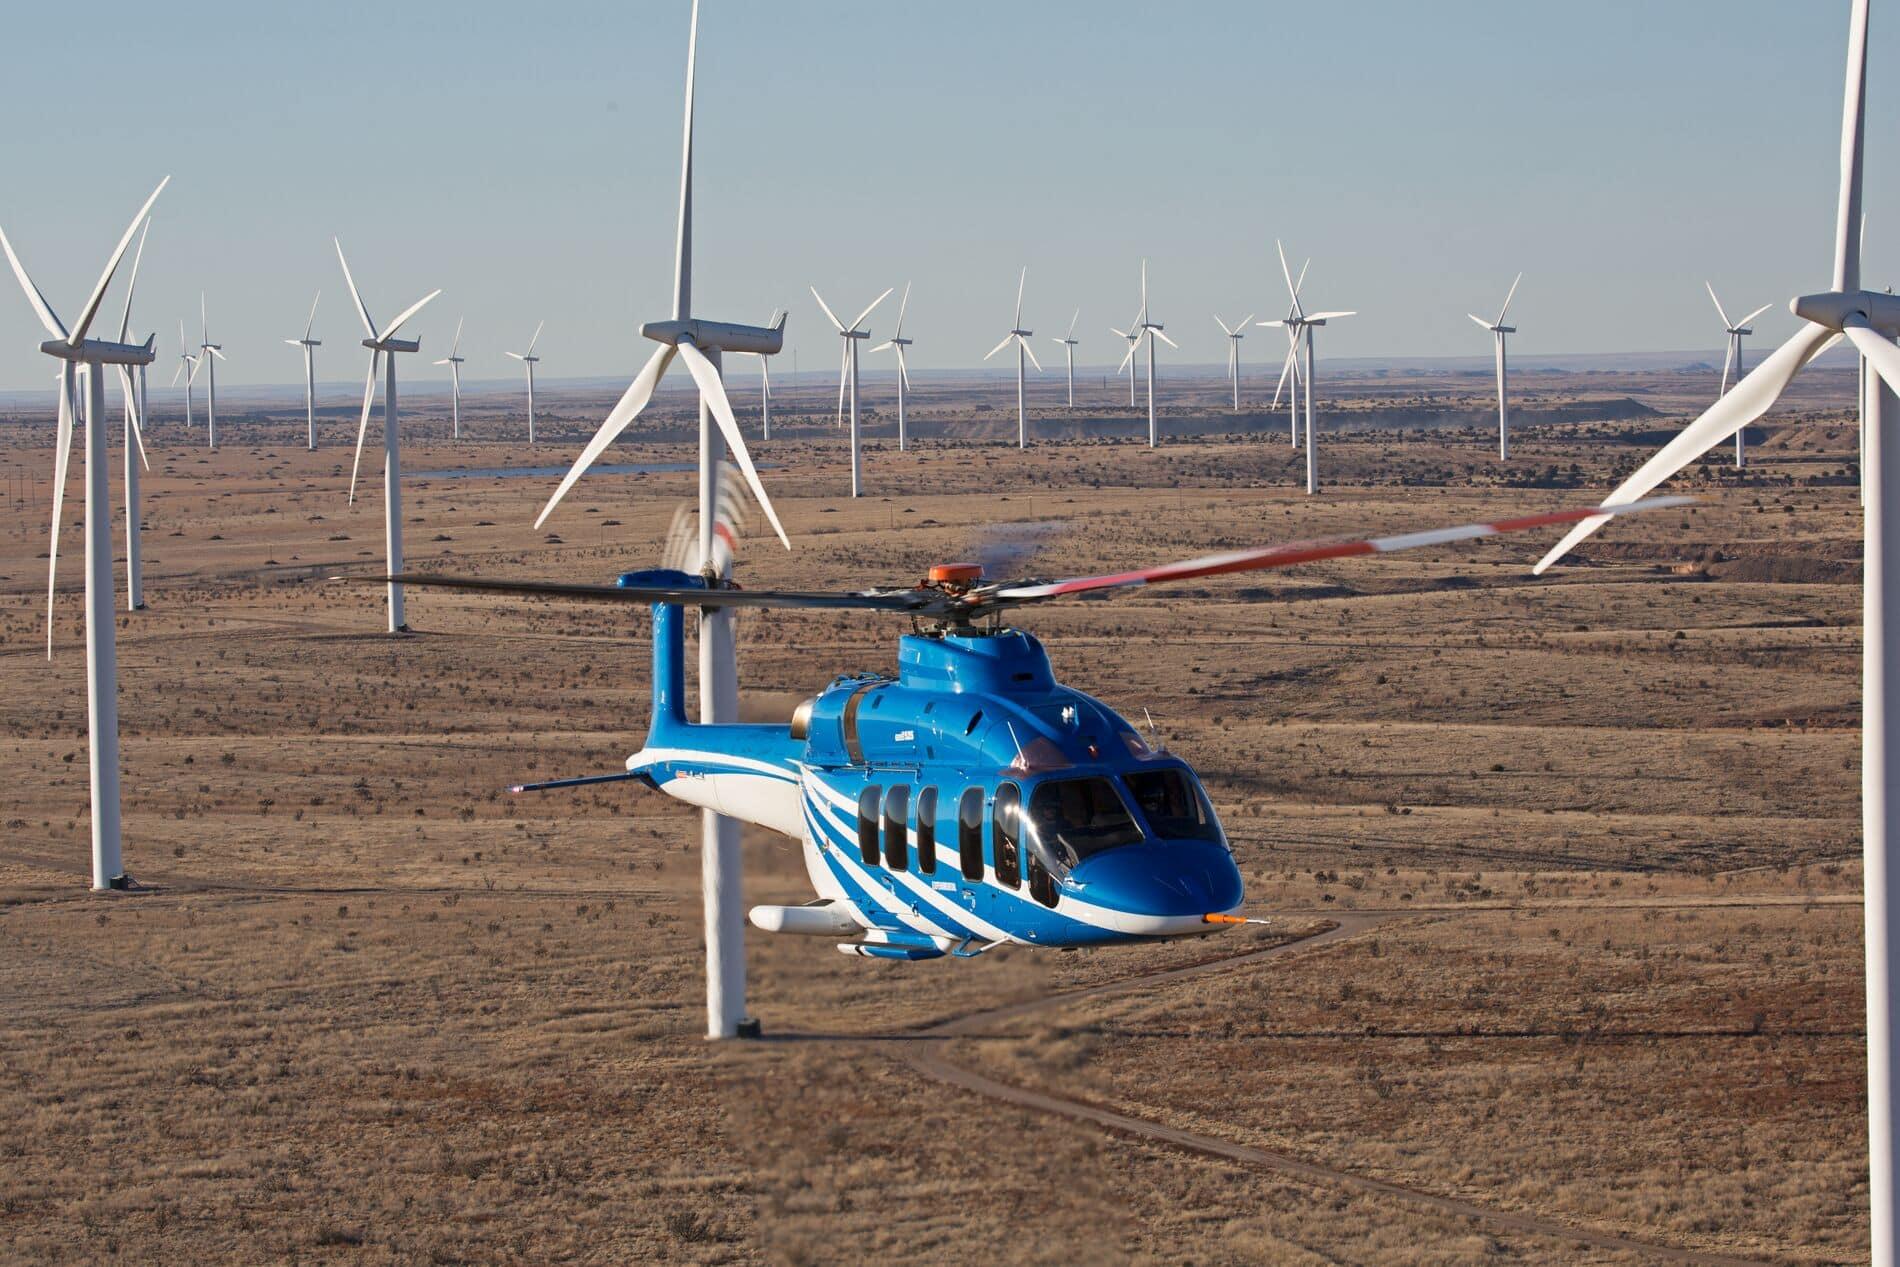 Bell 525 volando sobre un campo eólico en el desierto